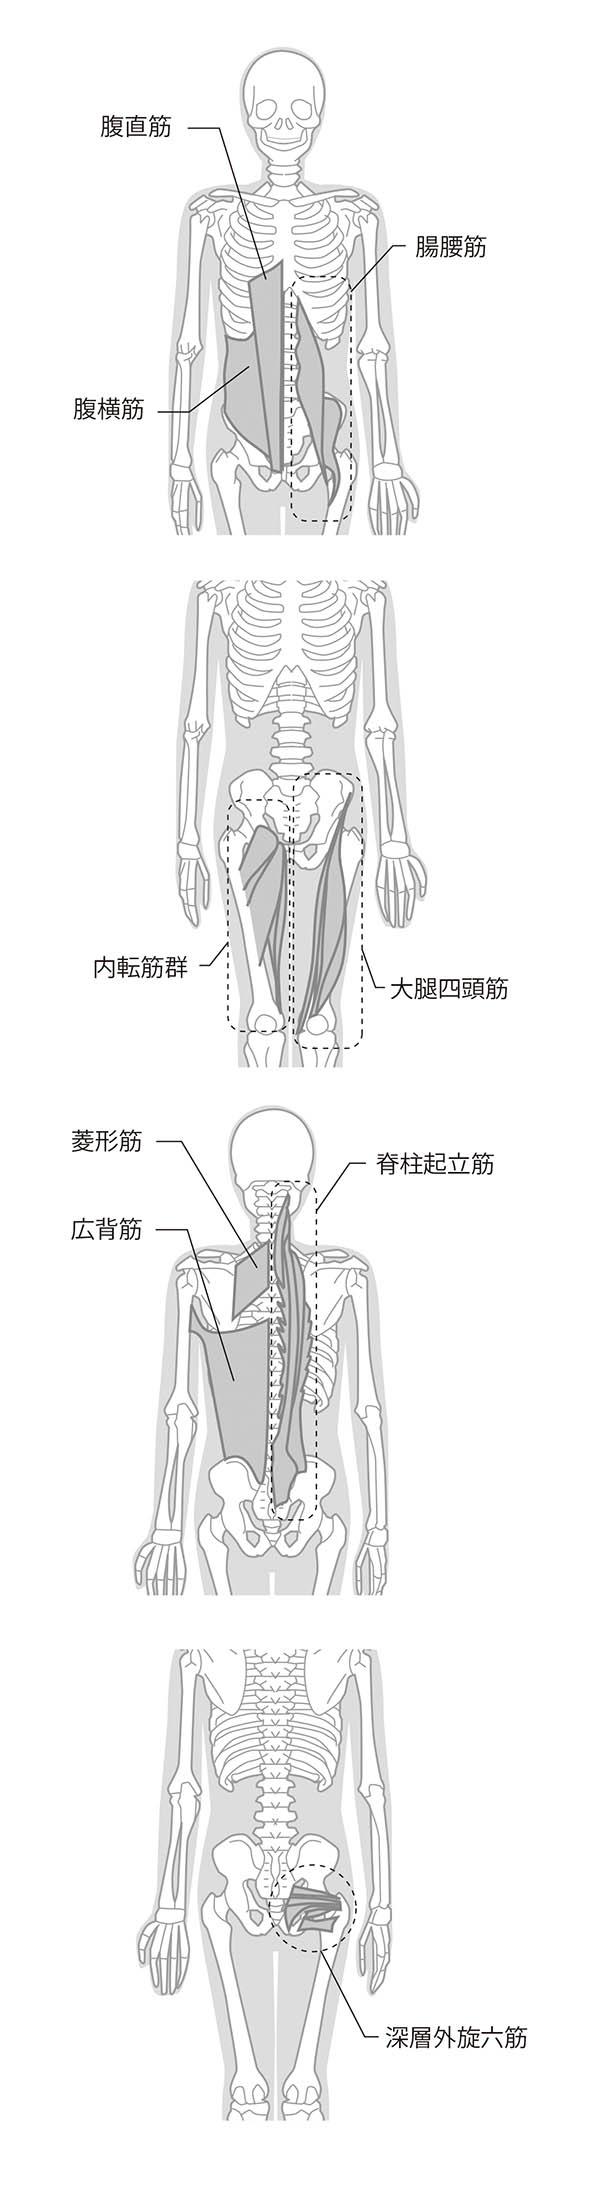 画像: 側弯症矯正トレーニングで鍛えられる筋肉